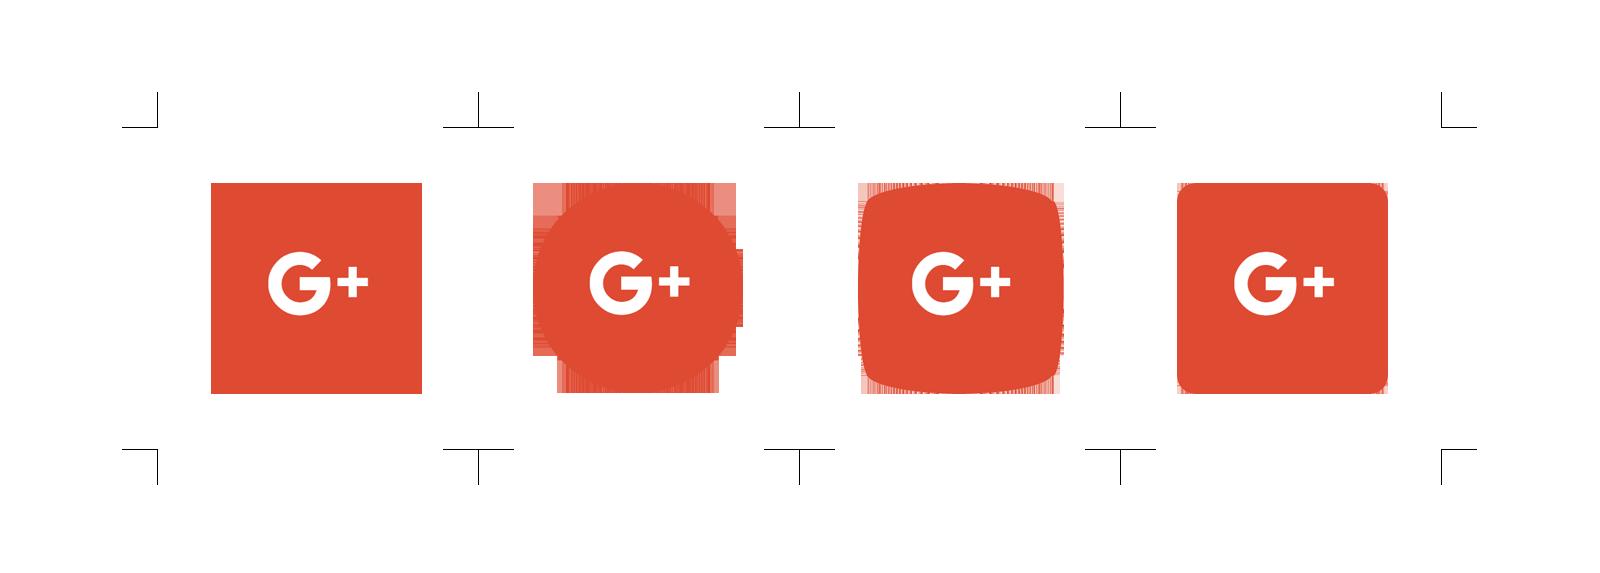 گوگل پلاس googlelus